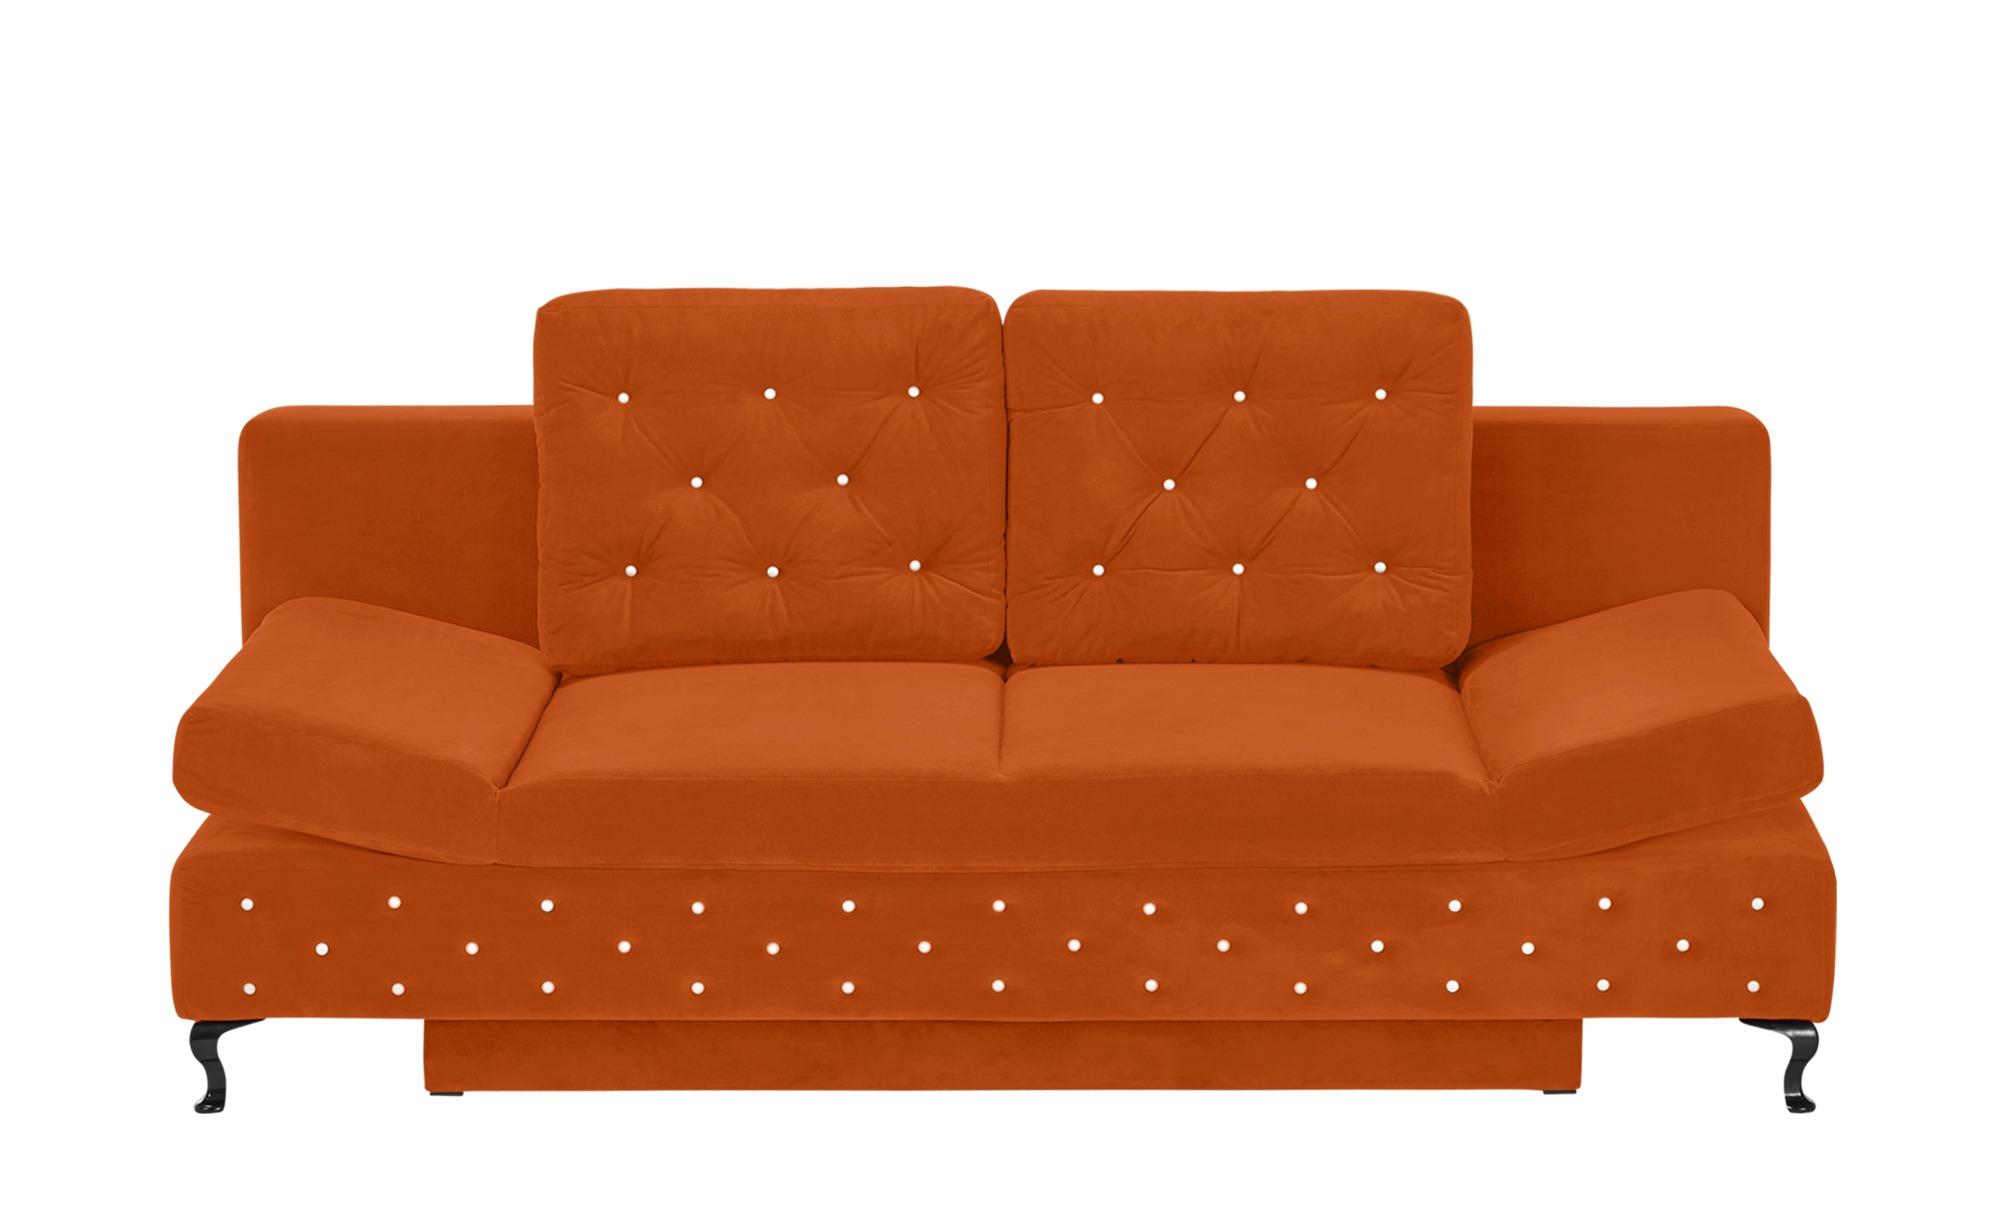 switch Schlafsofa orange - Mikrofaser Riviera ¦ orange ¦ Maße (cm): B: 202 H: 75 T: 94 Polstermöbel > Sofas > Einzelsofas - Höffner | Wohnzimmer > Sofas & Couches > Schlafsofas | Orange | Mikrofaser - Polyester | Möbel Höffner DE